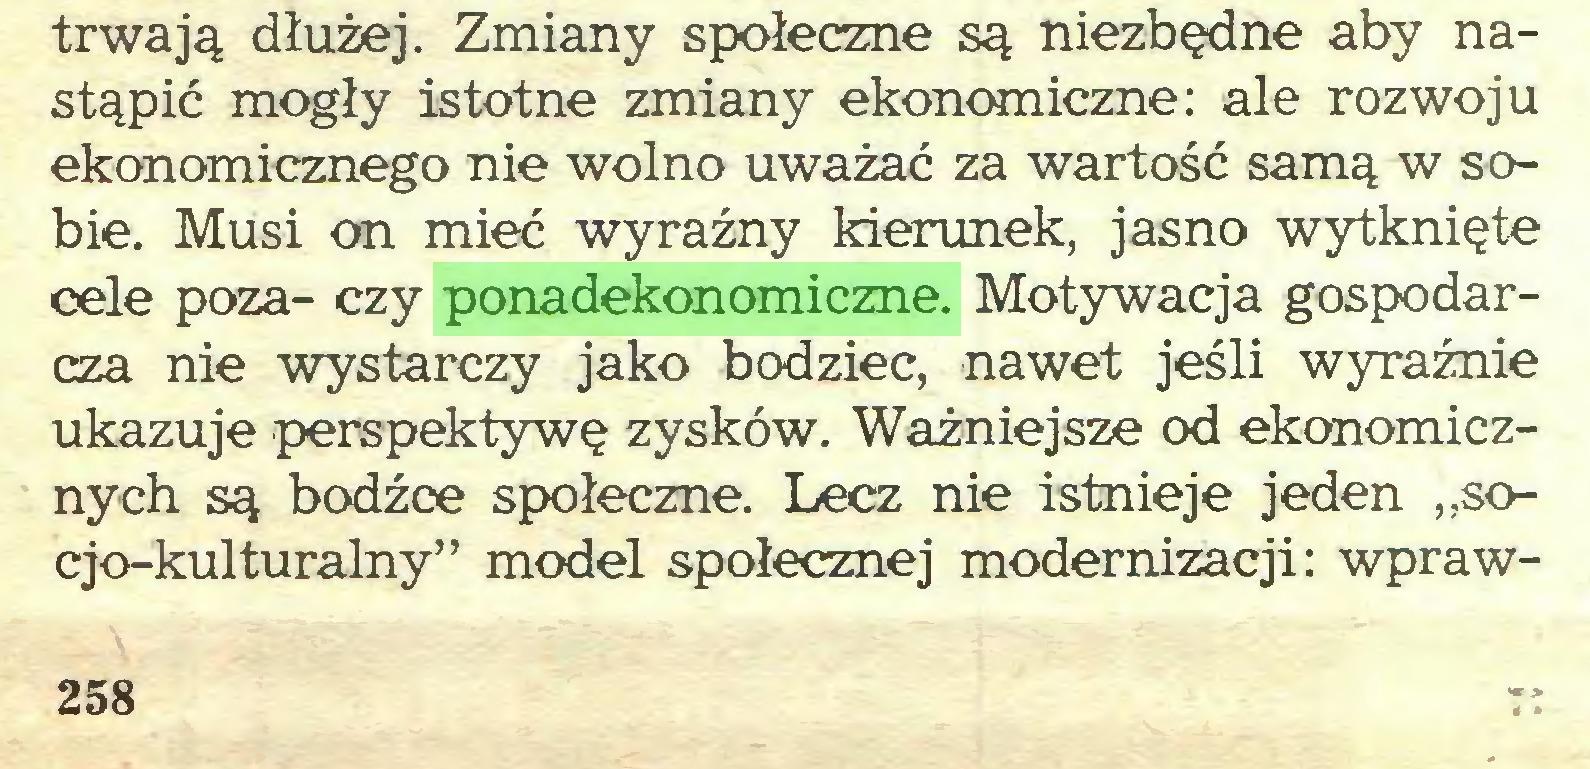 """(...) trwają dłużej. Zmiany społeczne są niezbędne aby nastąpić mogły istotne zmiany ekonomiczne: ale rozwoju ekonomicznego nie wolno uważać za wartość samą w sobie. Musi on mieć wyraźny kierunek, jasno wytknięte cele poza- czy ponadekonomiczne. Motywacja gospodarcza nie wystarczy jako bodziec, nawet jeśli wyraźnie ukazuje perspektywę zysków. Ważniejsze od ekonomicznych są bodźce społeczne. Lecz nie istnieje jeden """"socjo-kulturalny"""" model społecznej modernizacji: wpraw258..."""